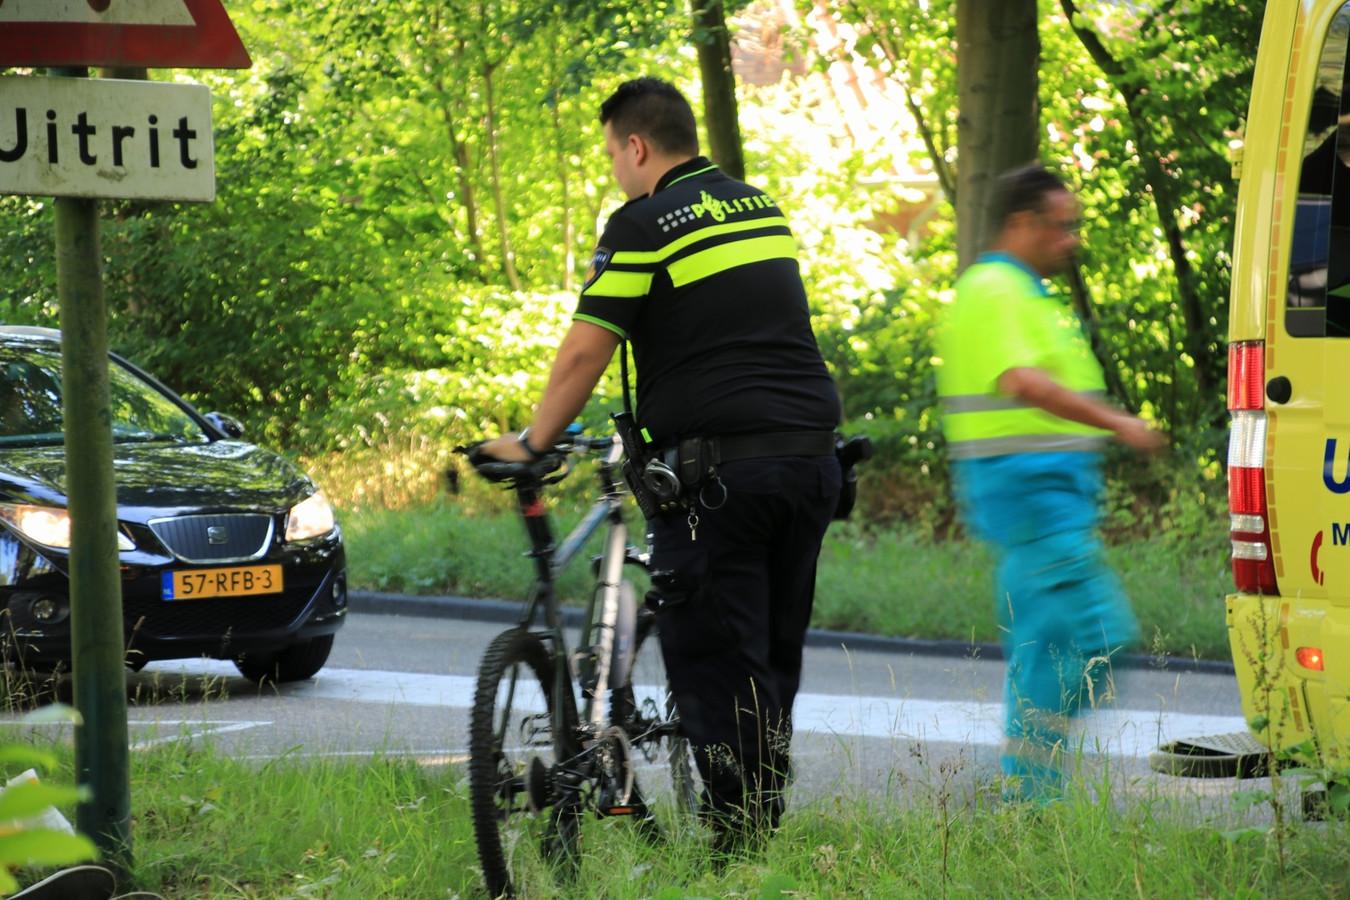 Een politieagent haalt de fiets van de mountainbiker weg.